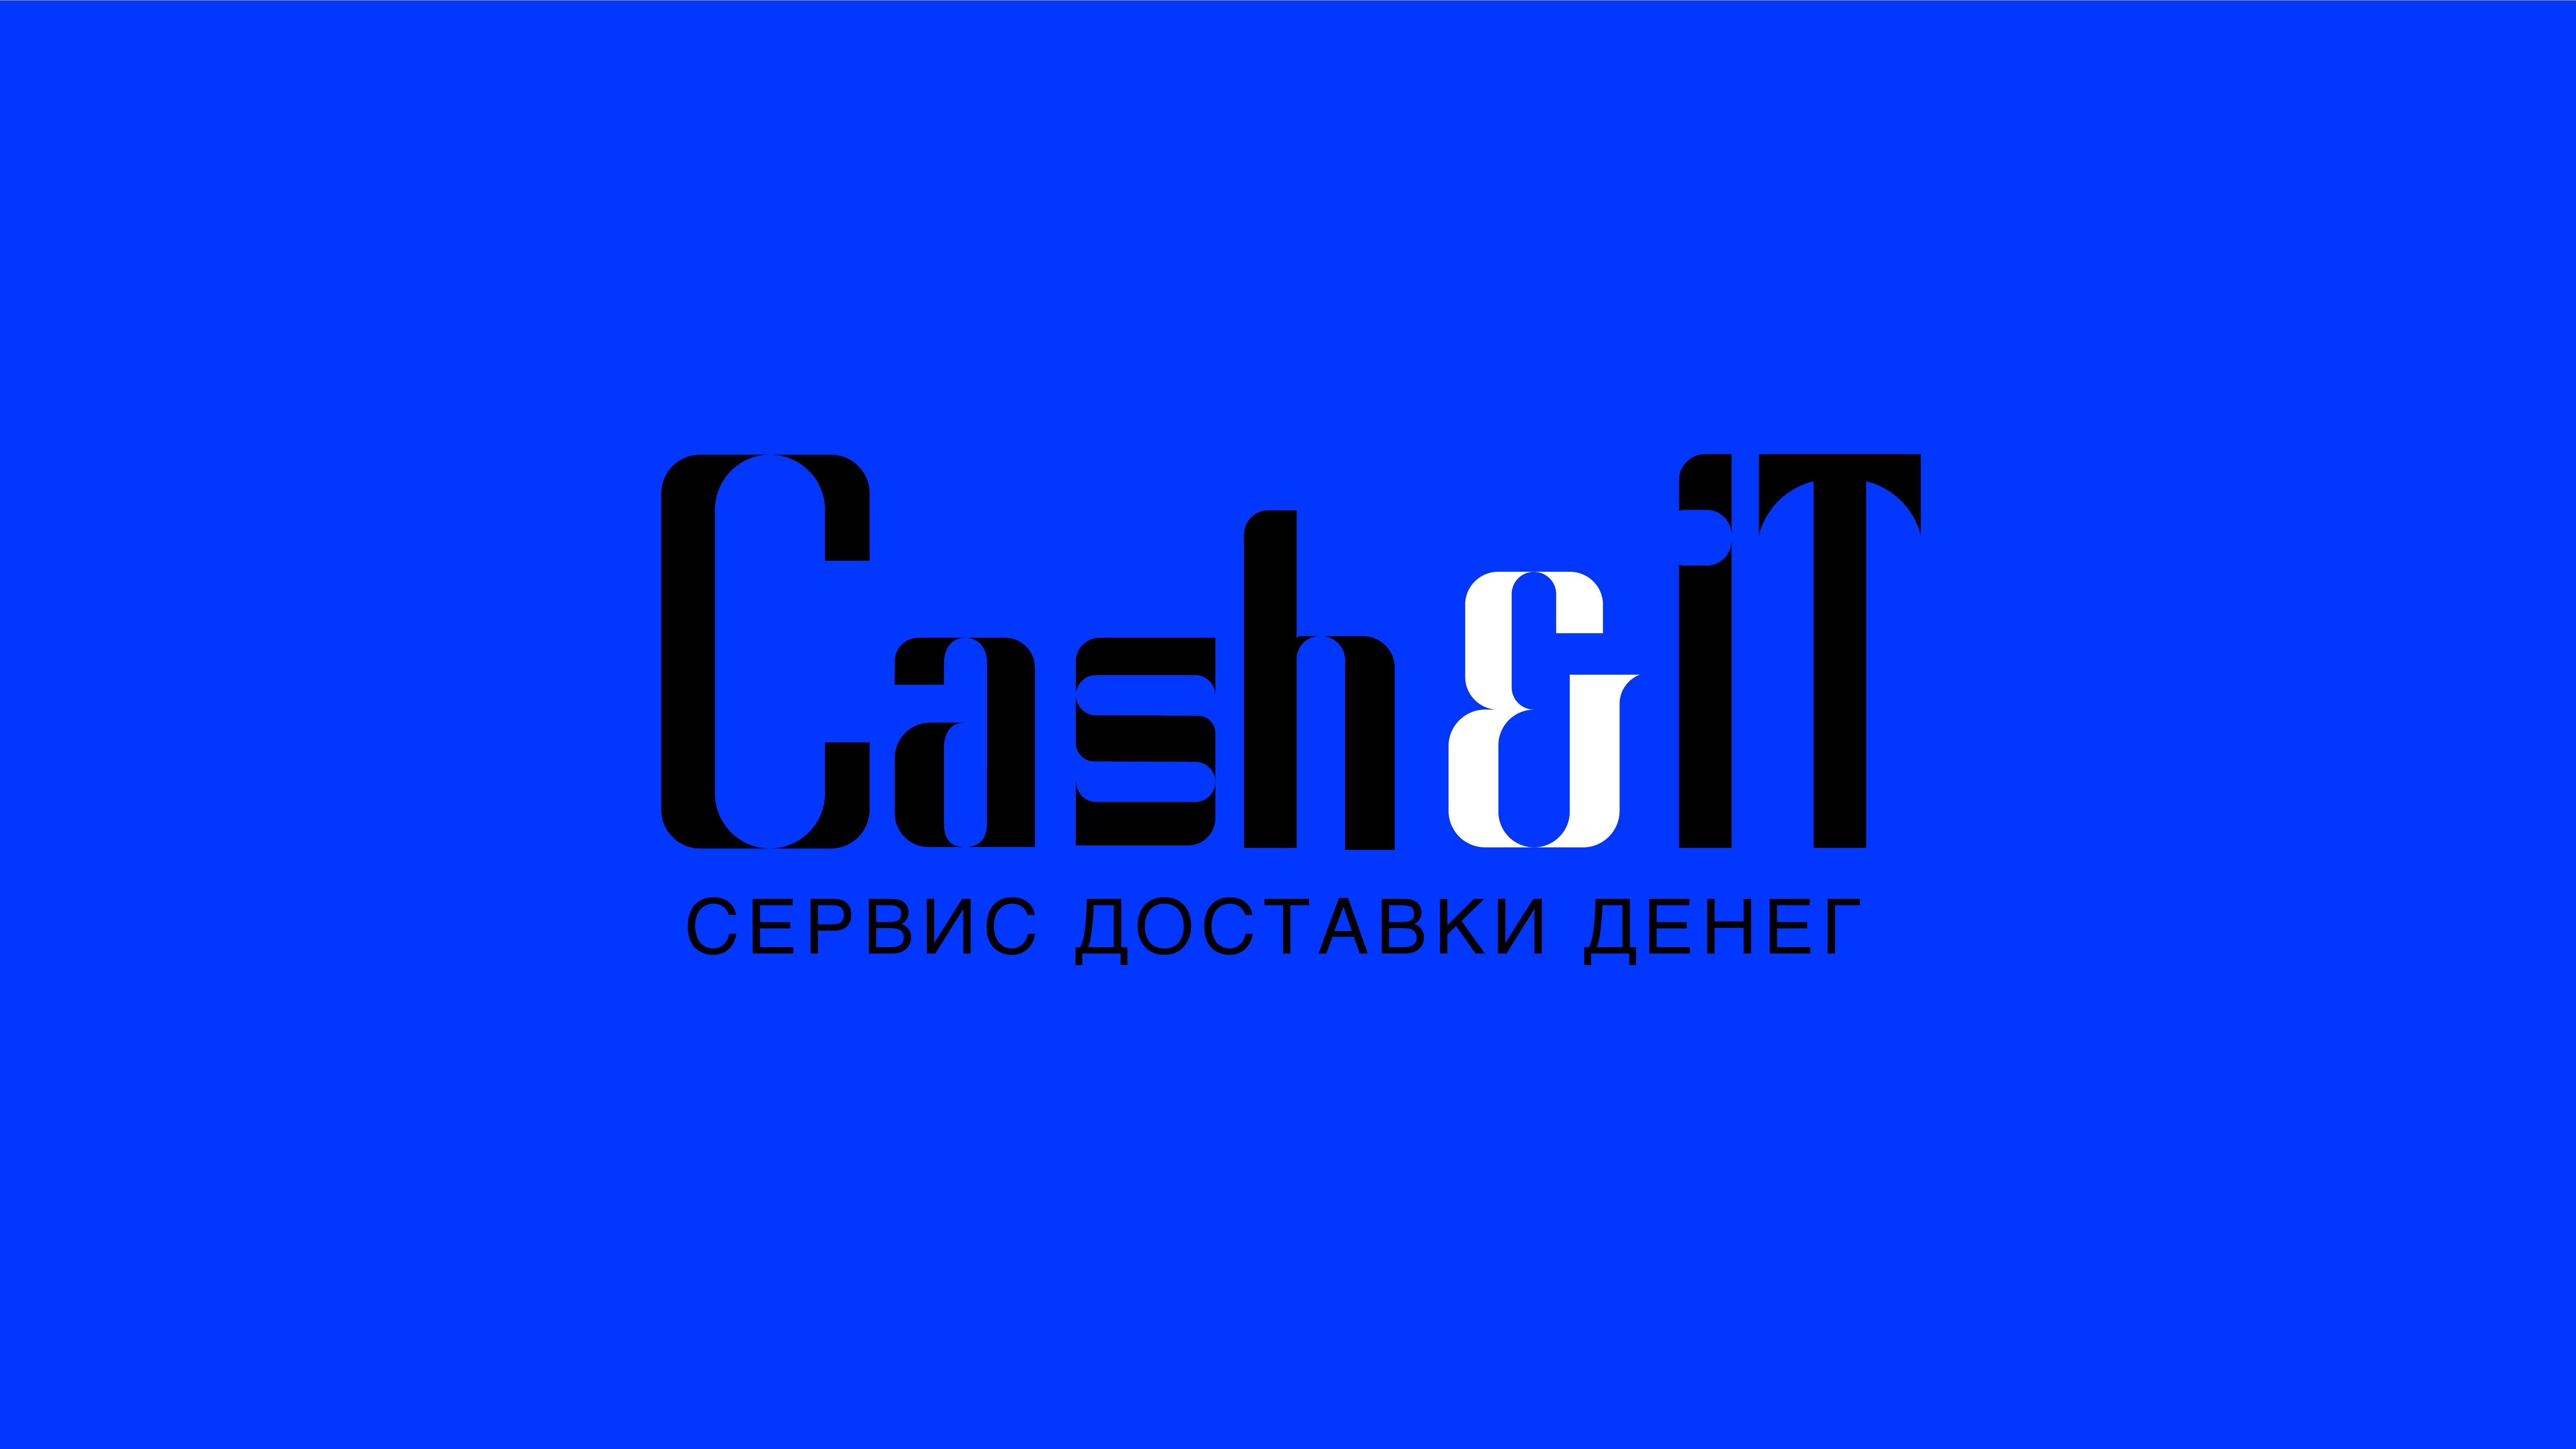 Логотип для Cash & IT - сервис доставки денег фото f_2255fda8f37c2e0e.png